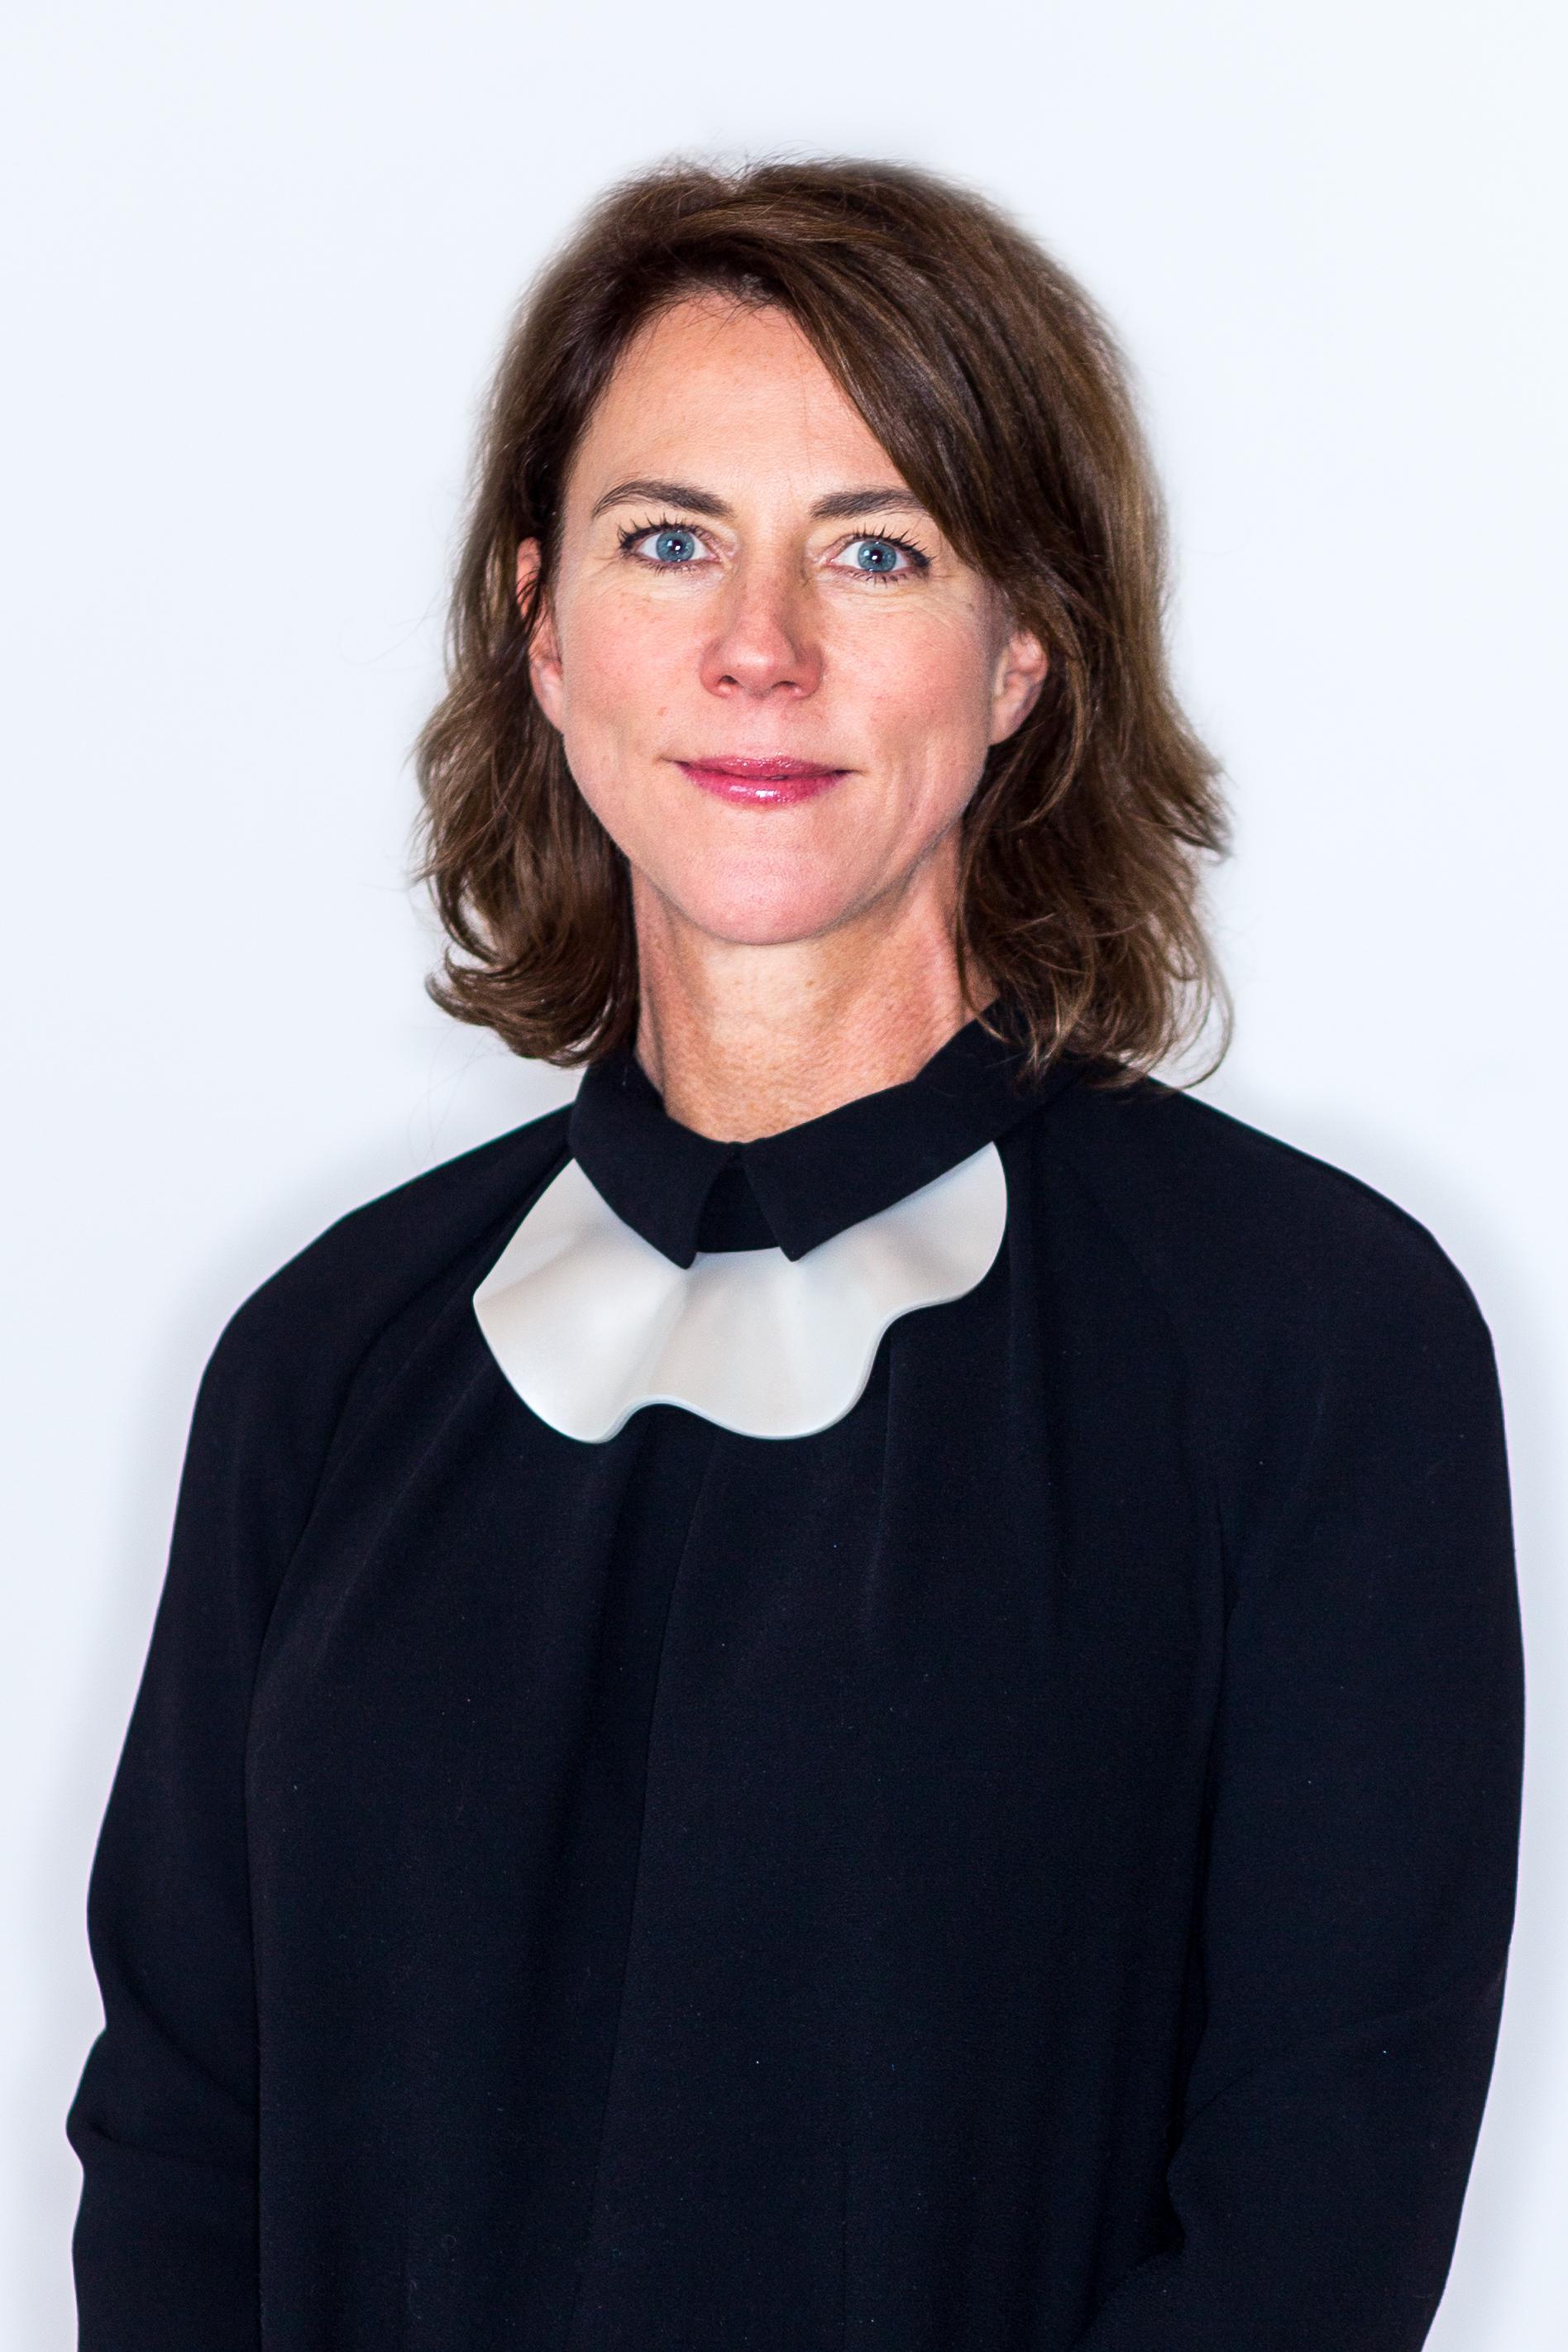 Rebecca Driscoll